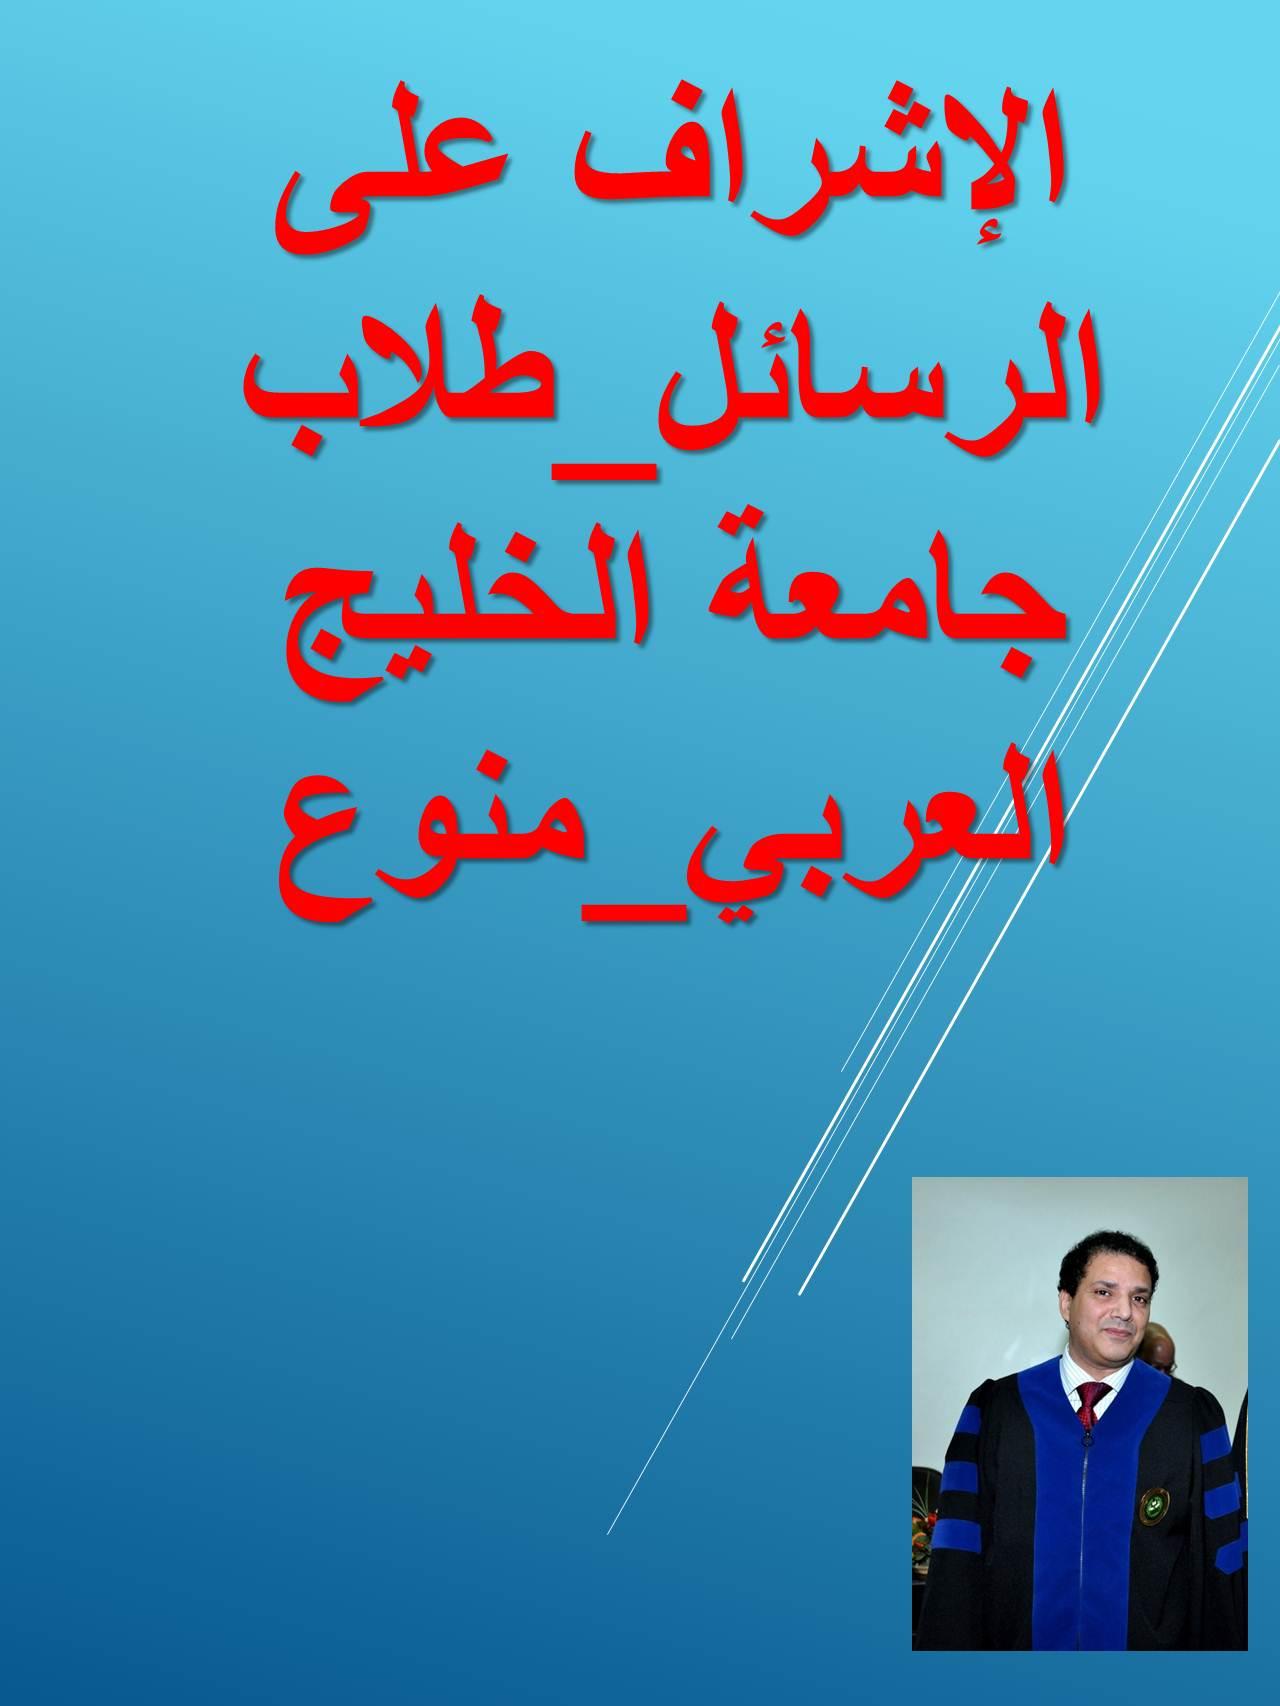 الإشراف_طلاب جامعة الخليج العربي_منوع